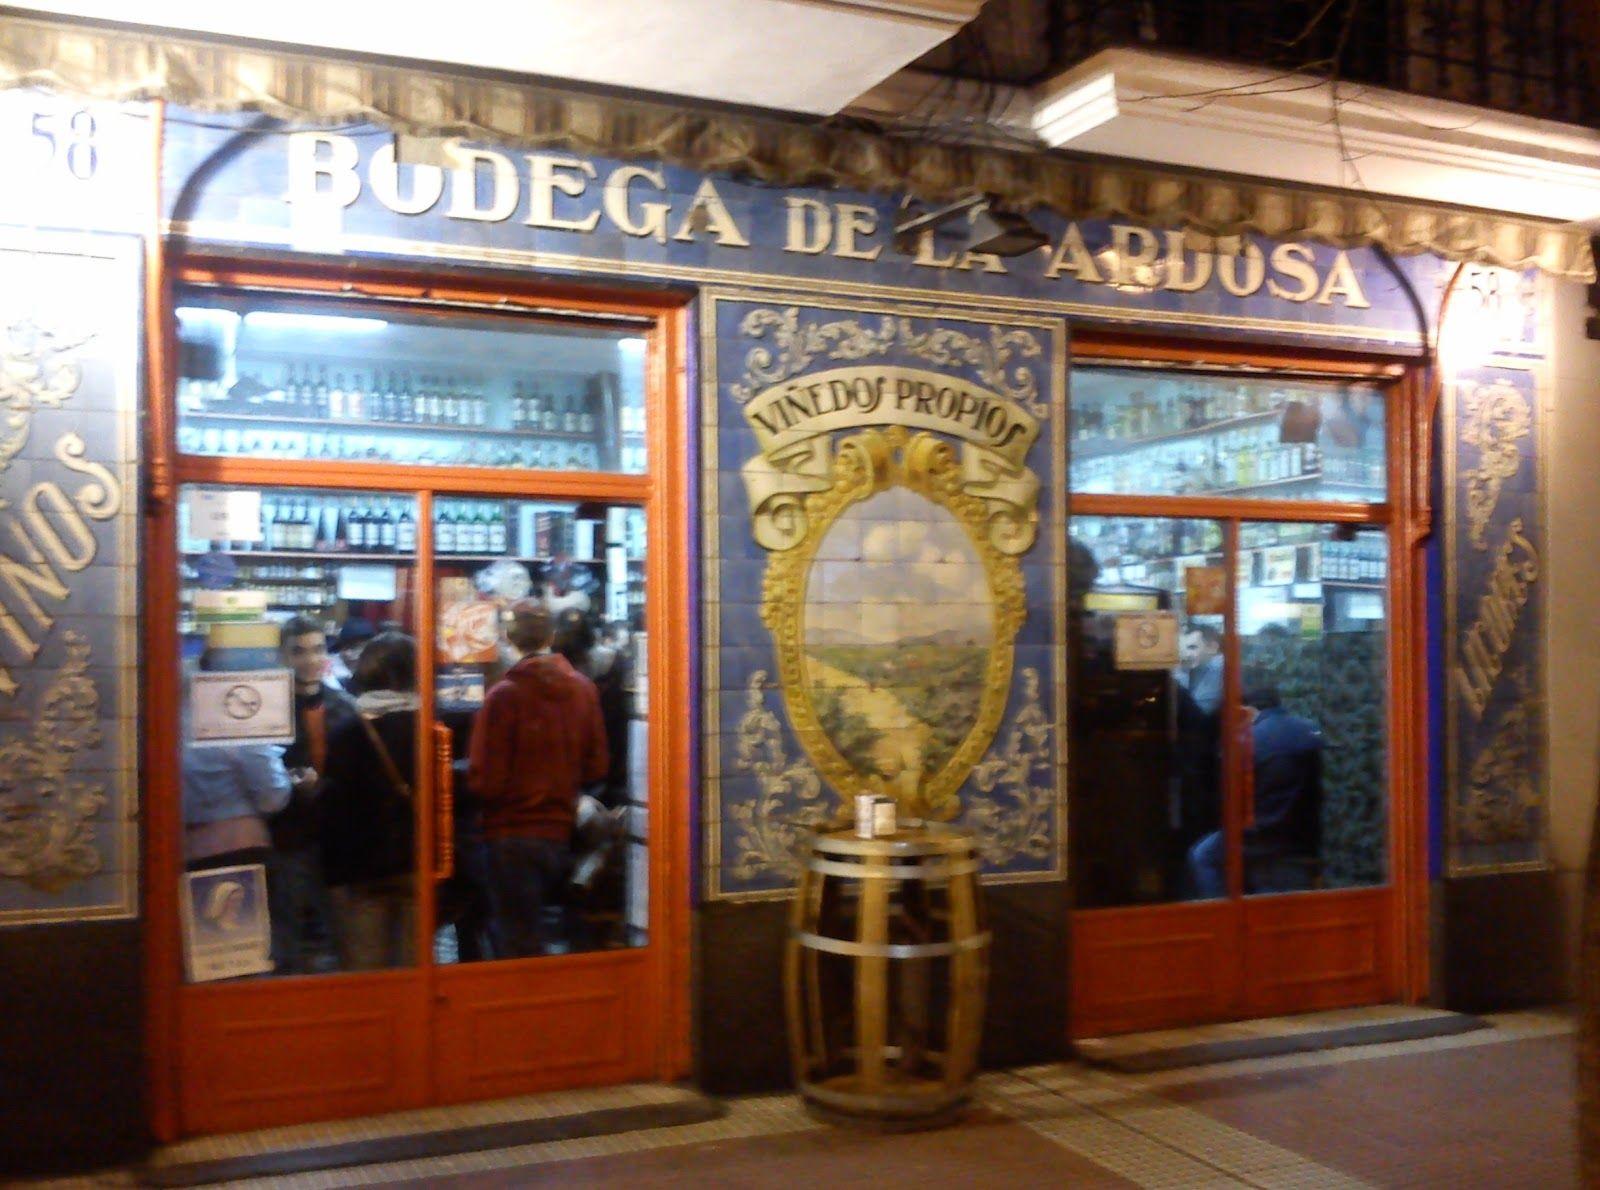 La Bodega De La Ardosa Esta En La Calle Santa Engracia 70 De Madrid